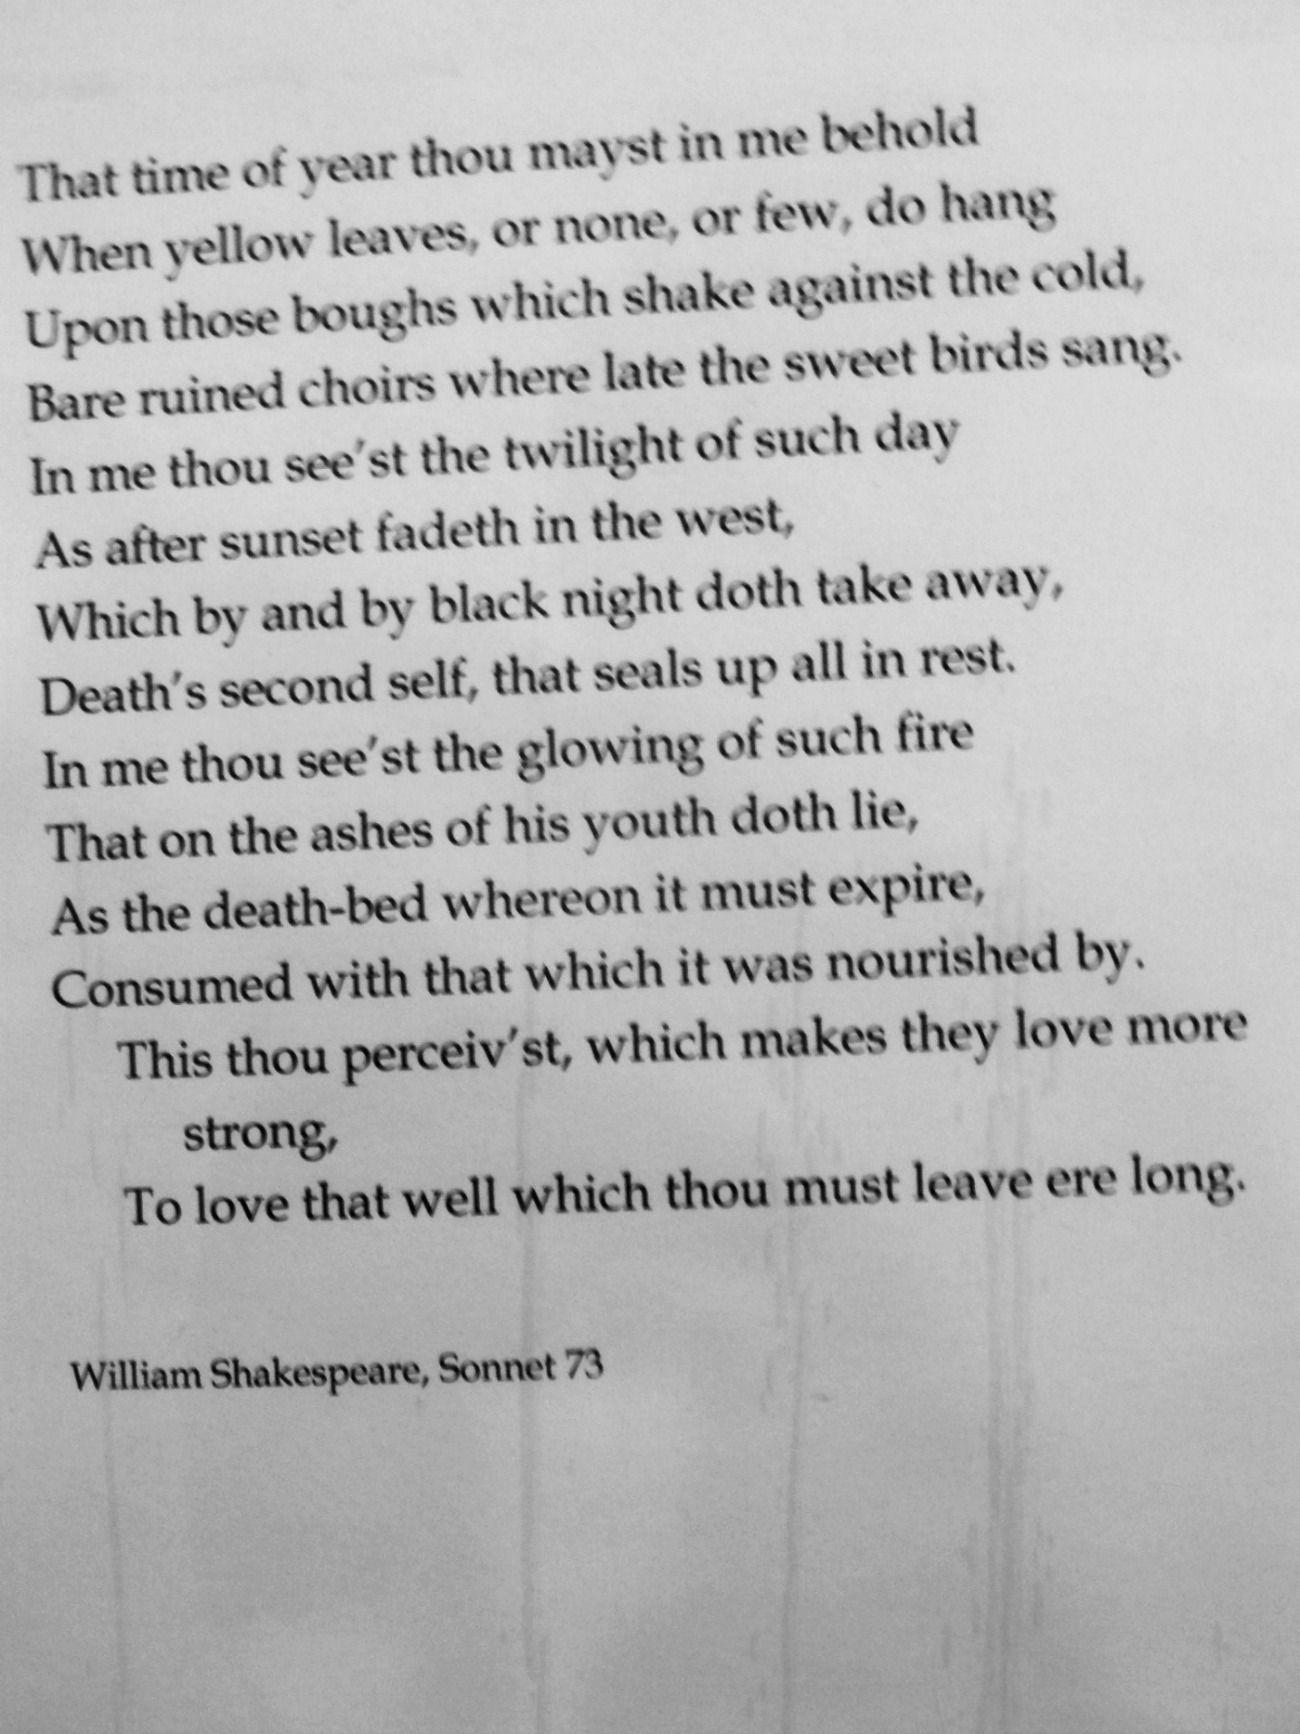 shakespeare sonnet 73 text